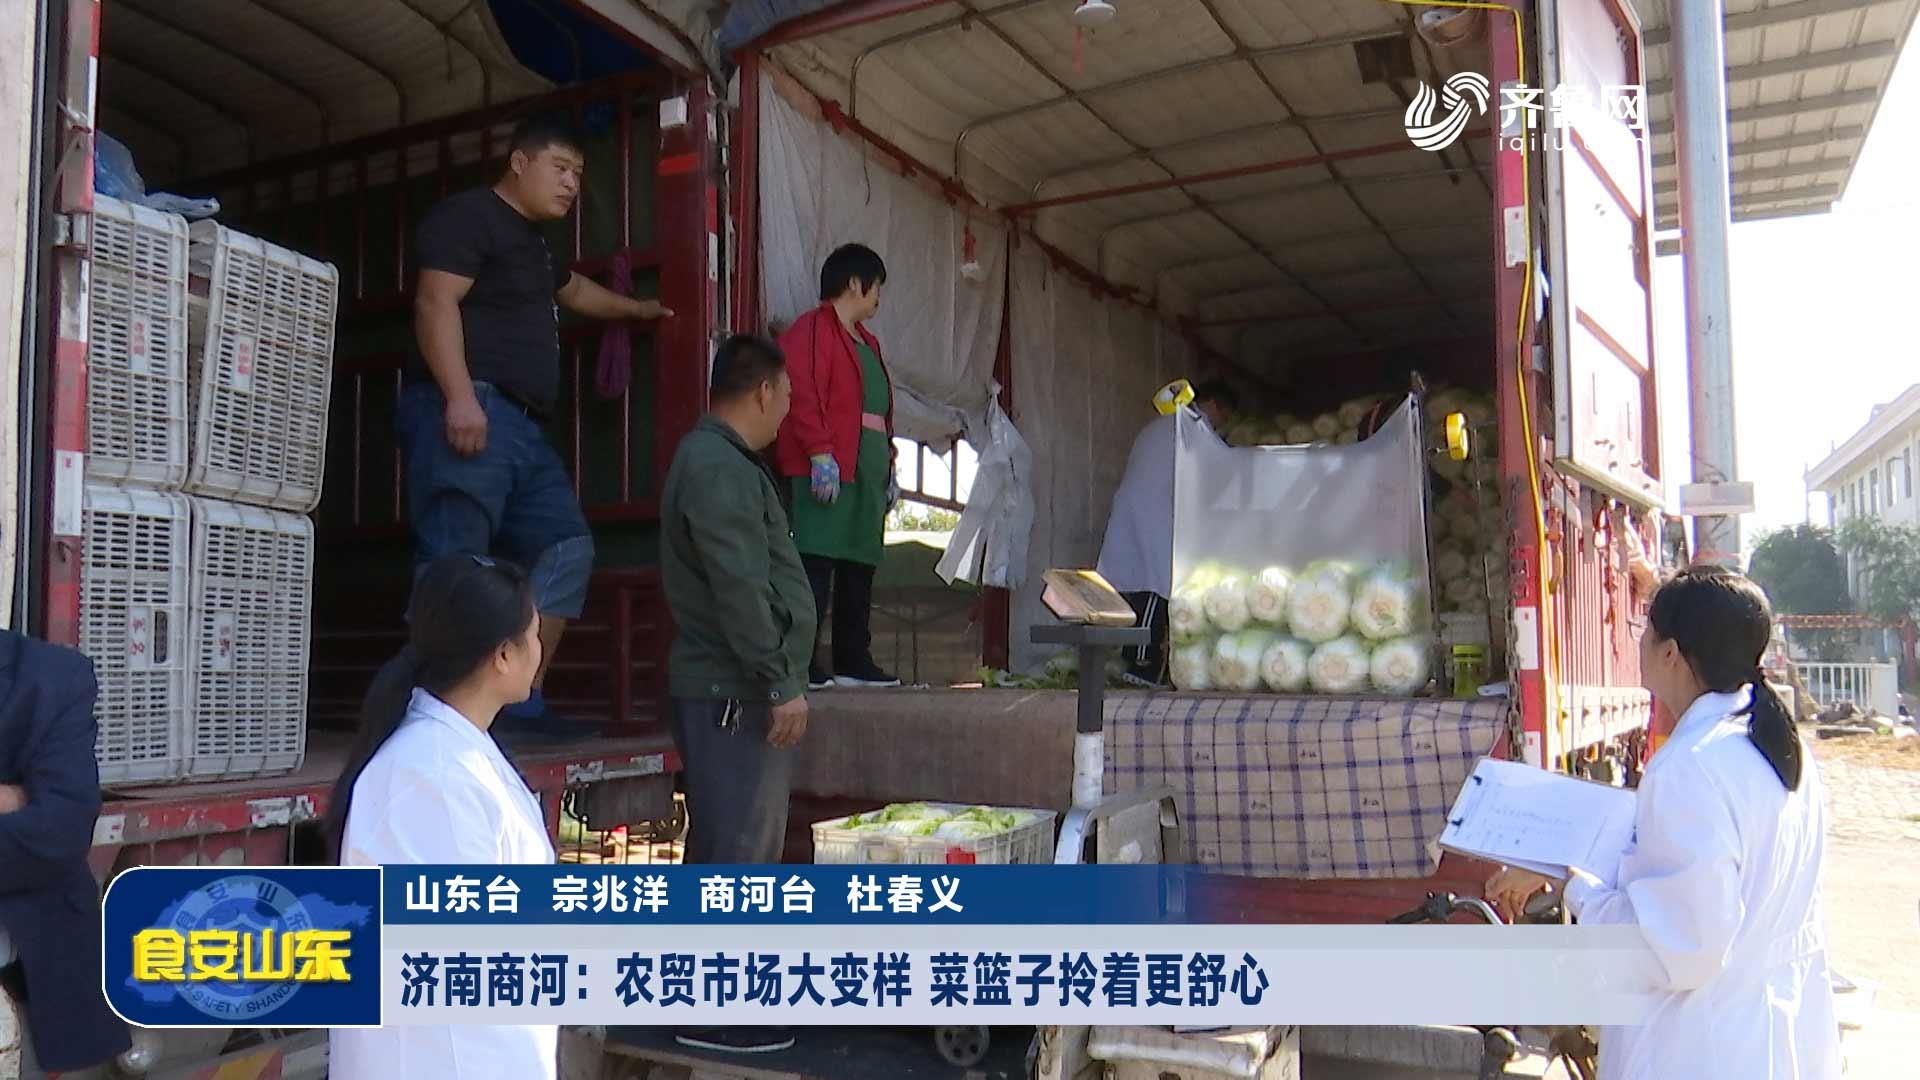 商河县:农贸市场大变样 菜篮子拎着更舒心